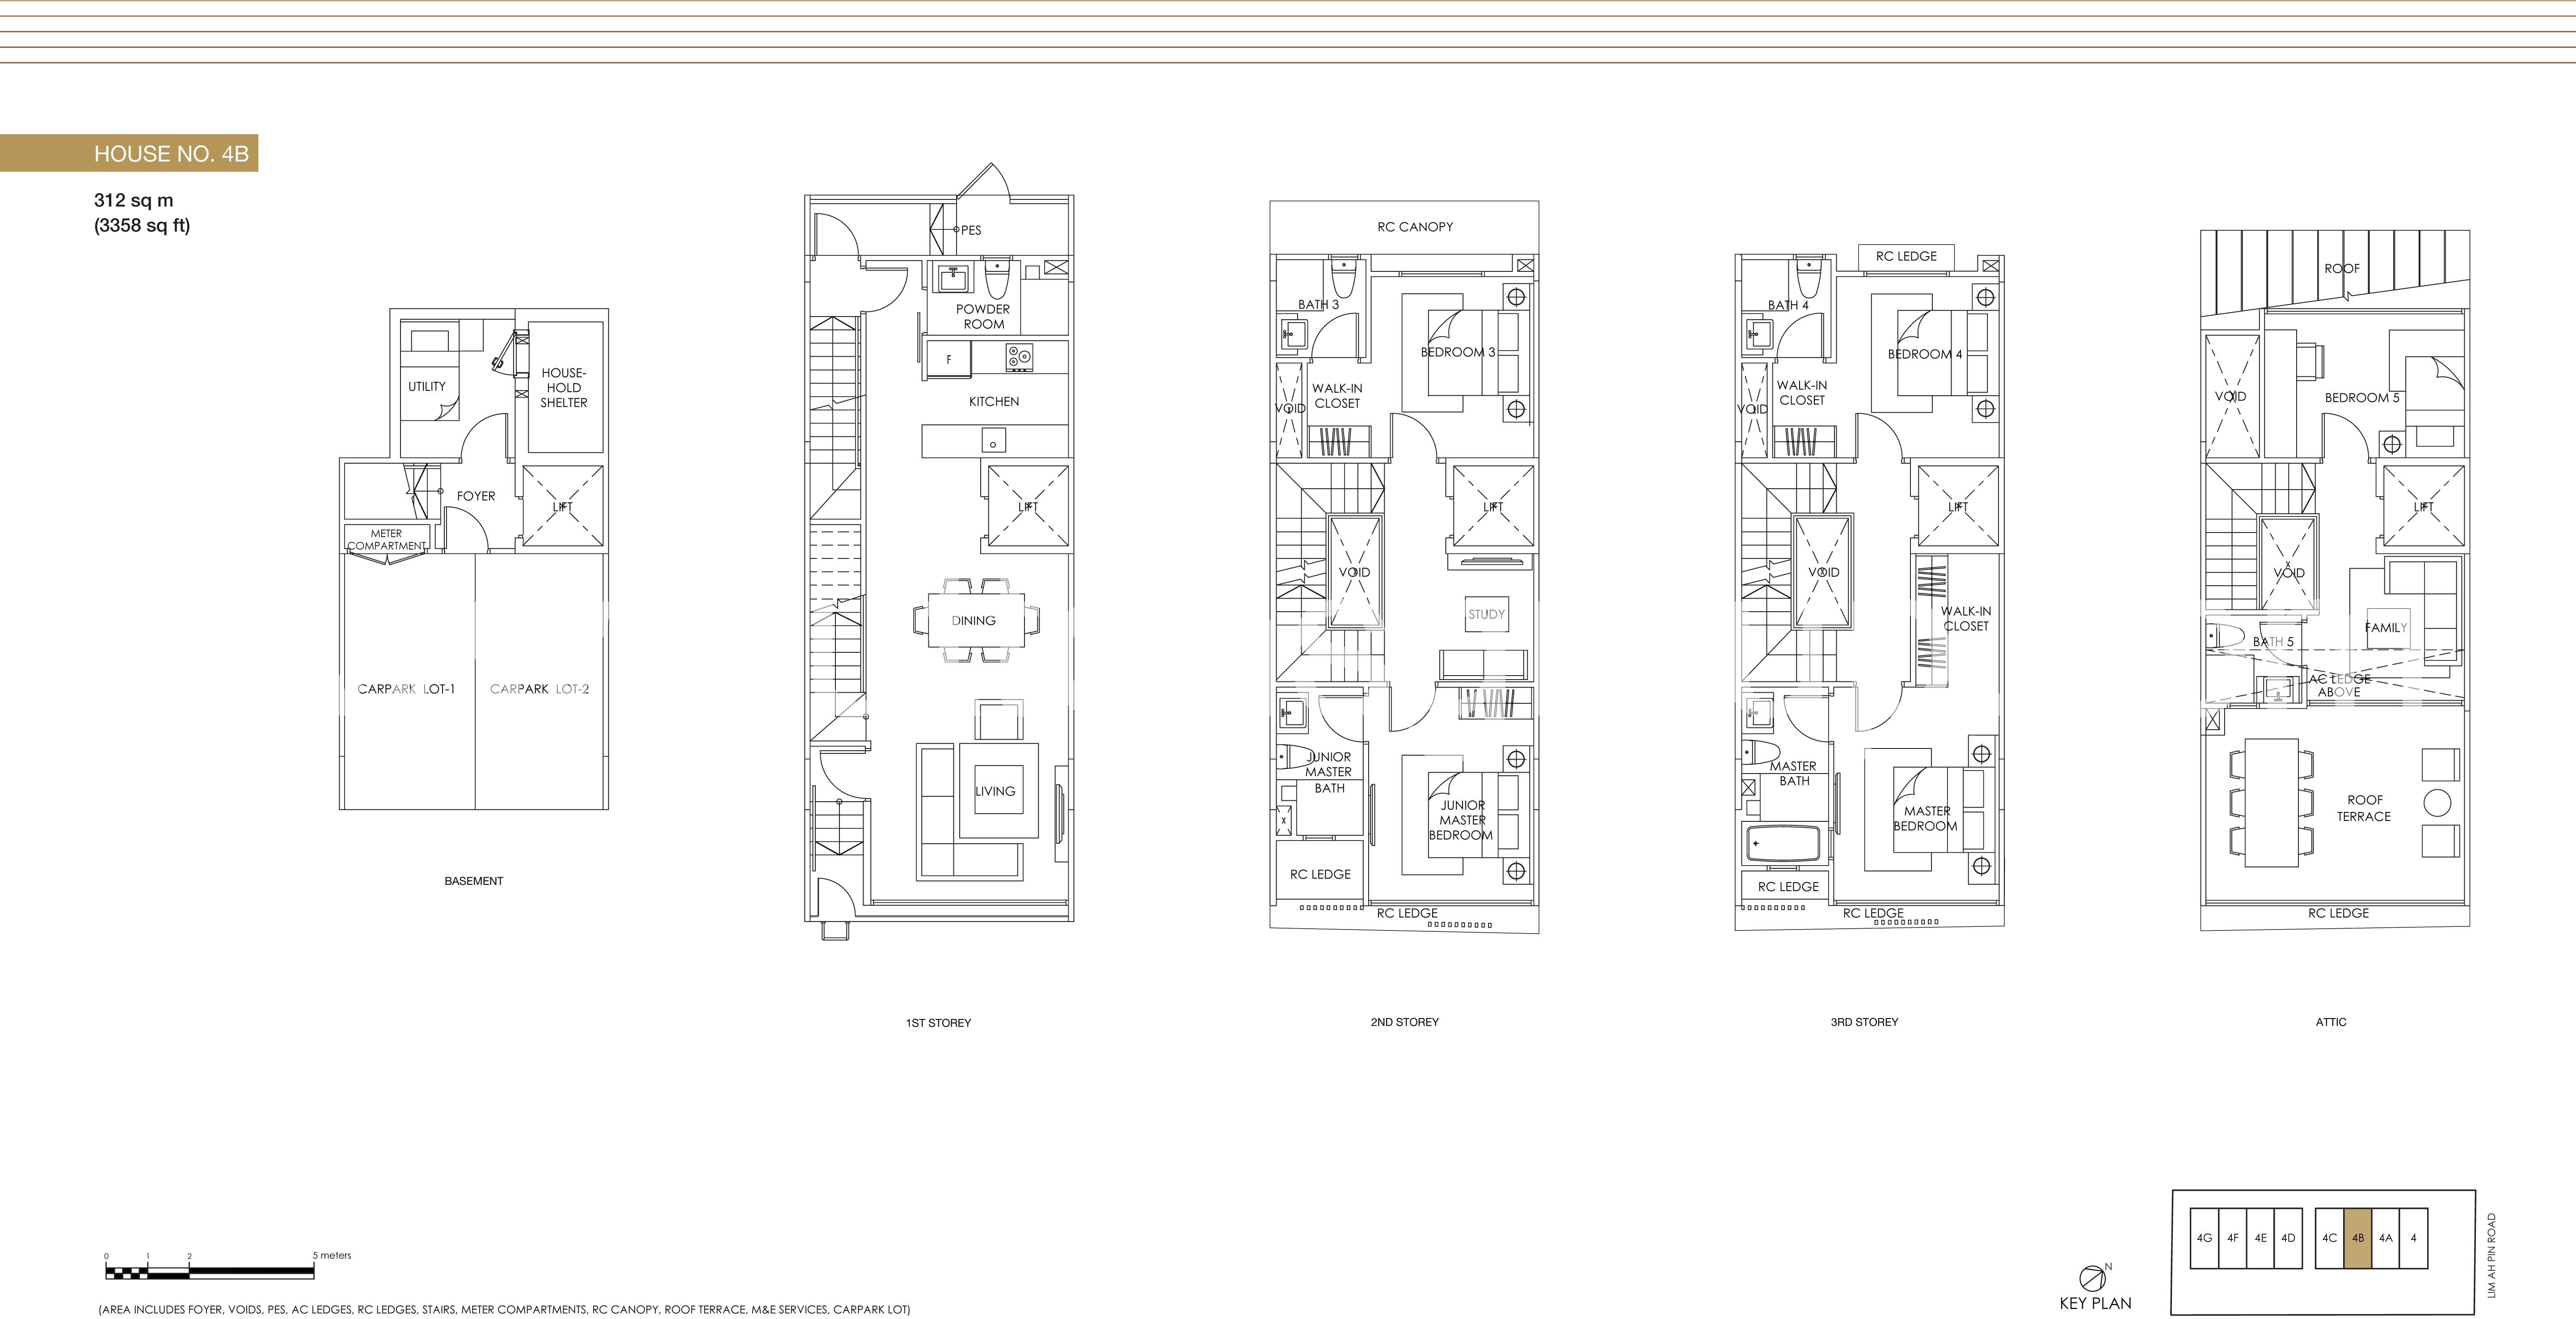 House no. 4B